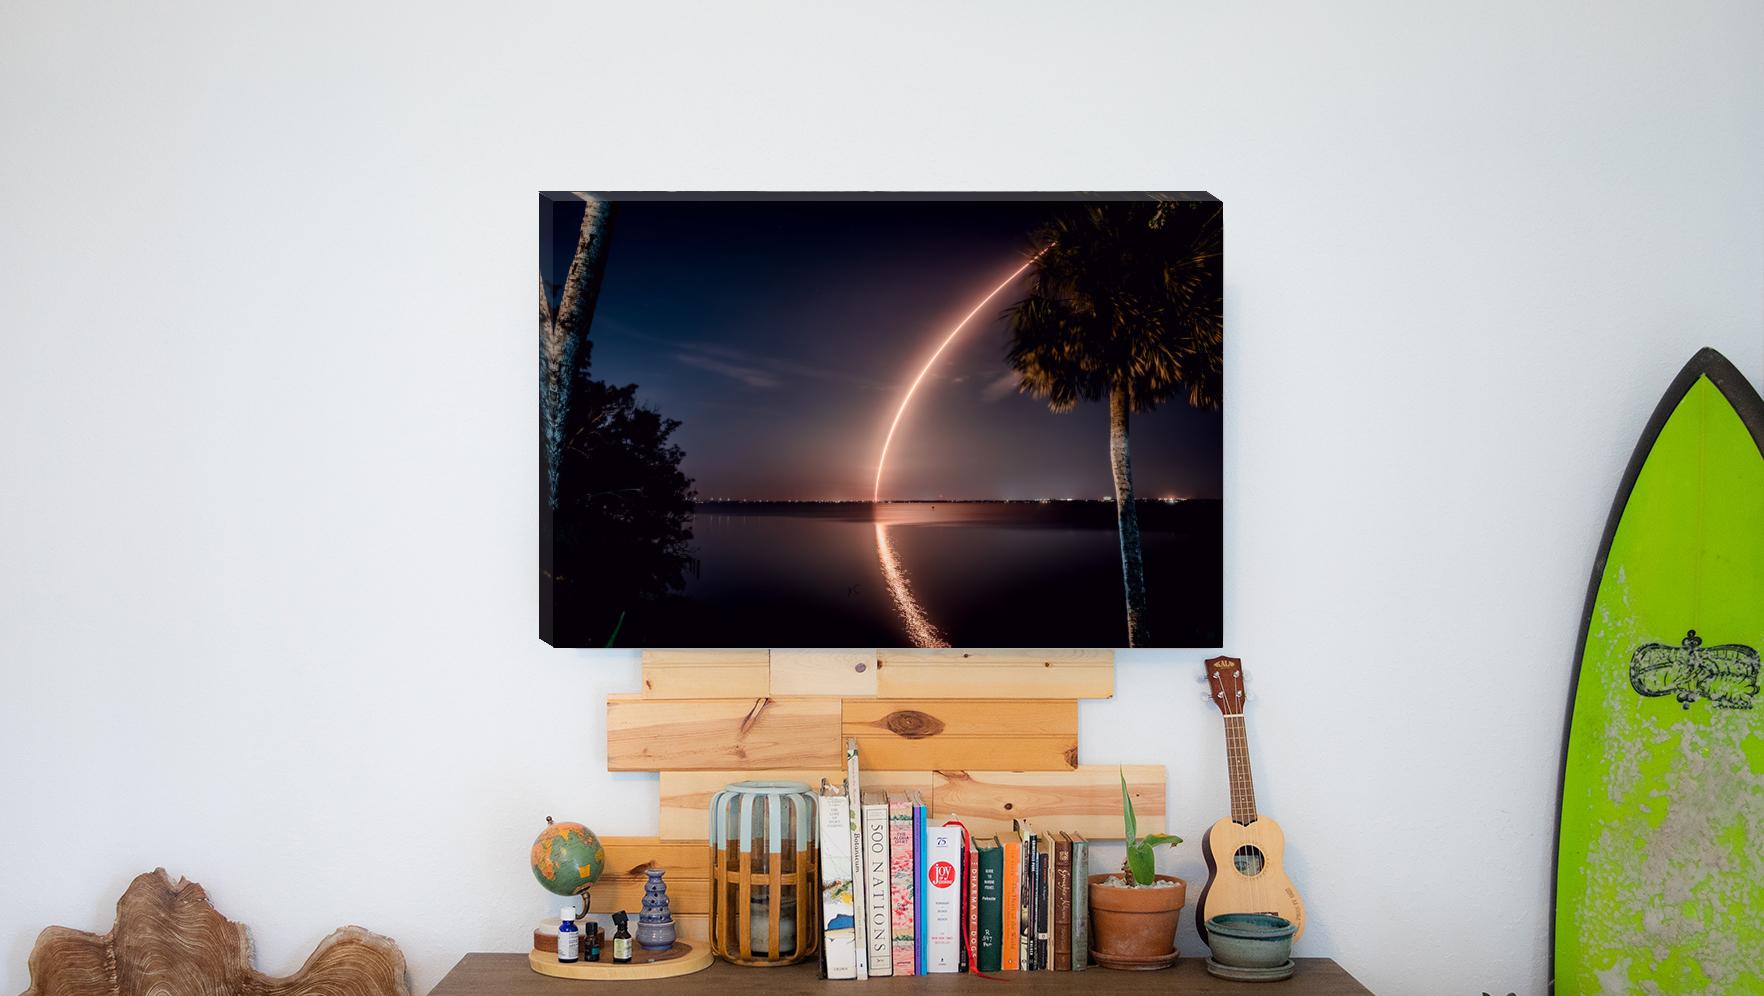 spacecoast.jpg